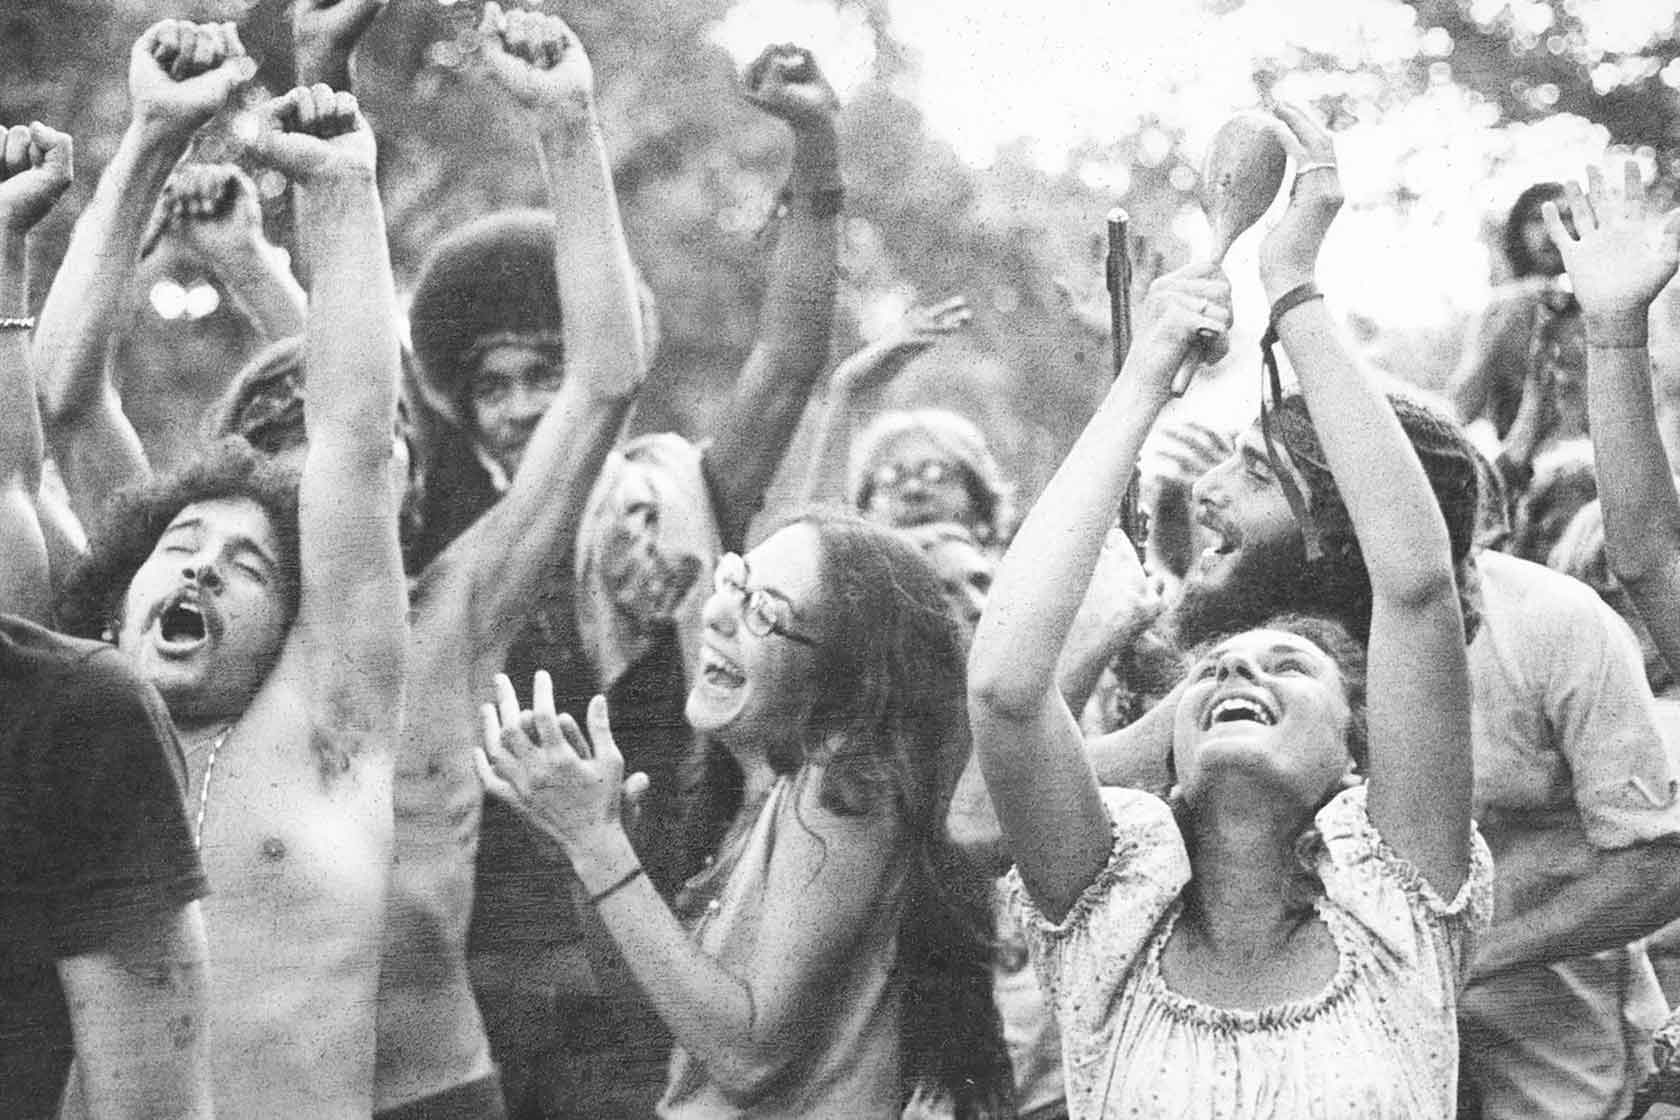 woodstock festival 1969